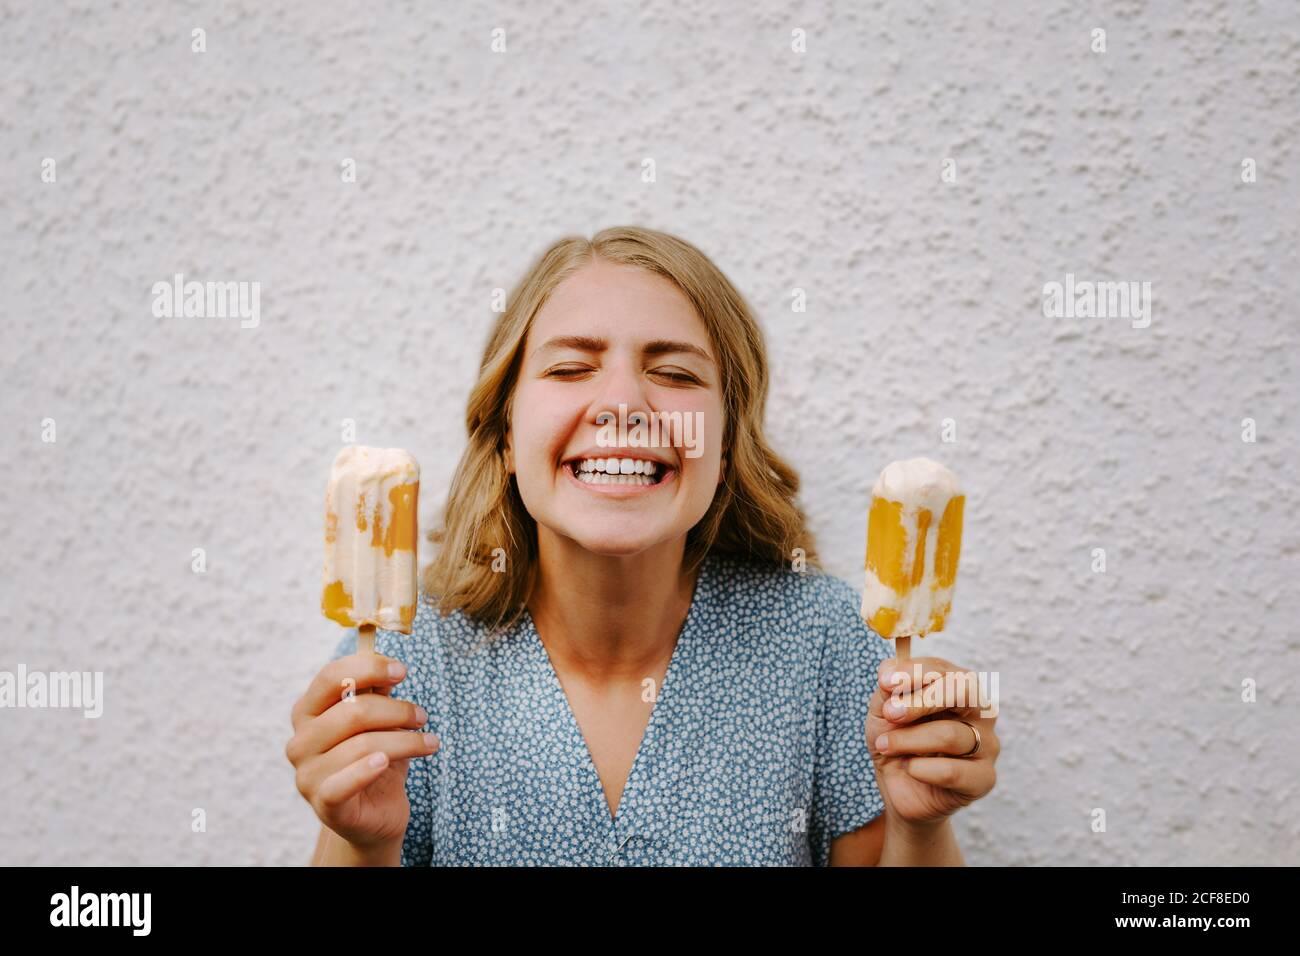 Femmina con gli occhi chiusi facendo simpatici grimace volti con gustoso lecci di ghiaccio su bastoni su sfondo bianco Foto Stock